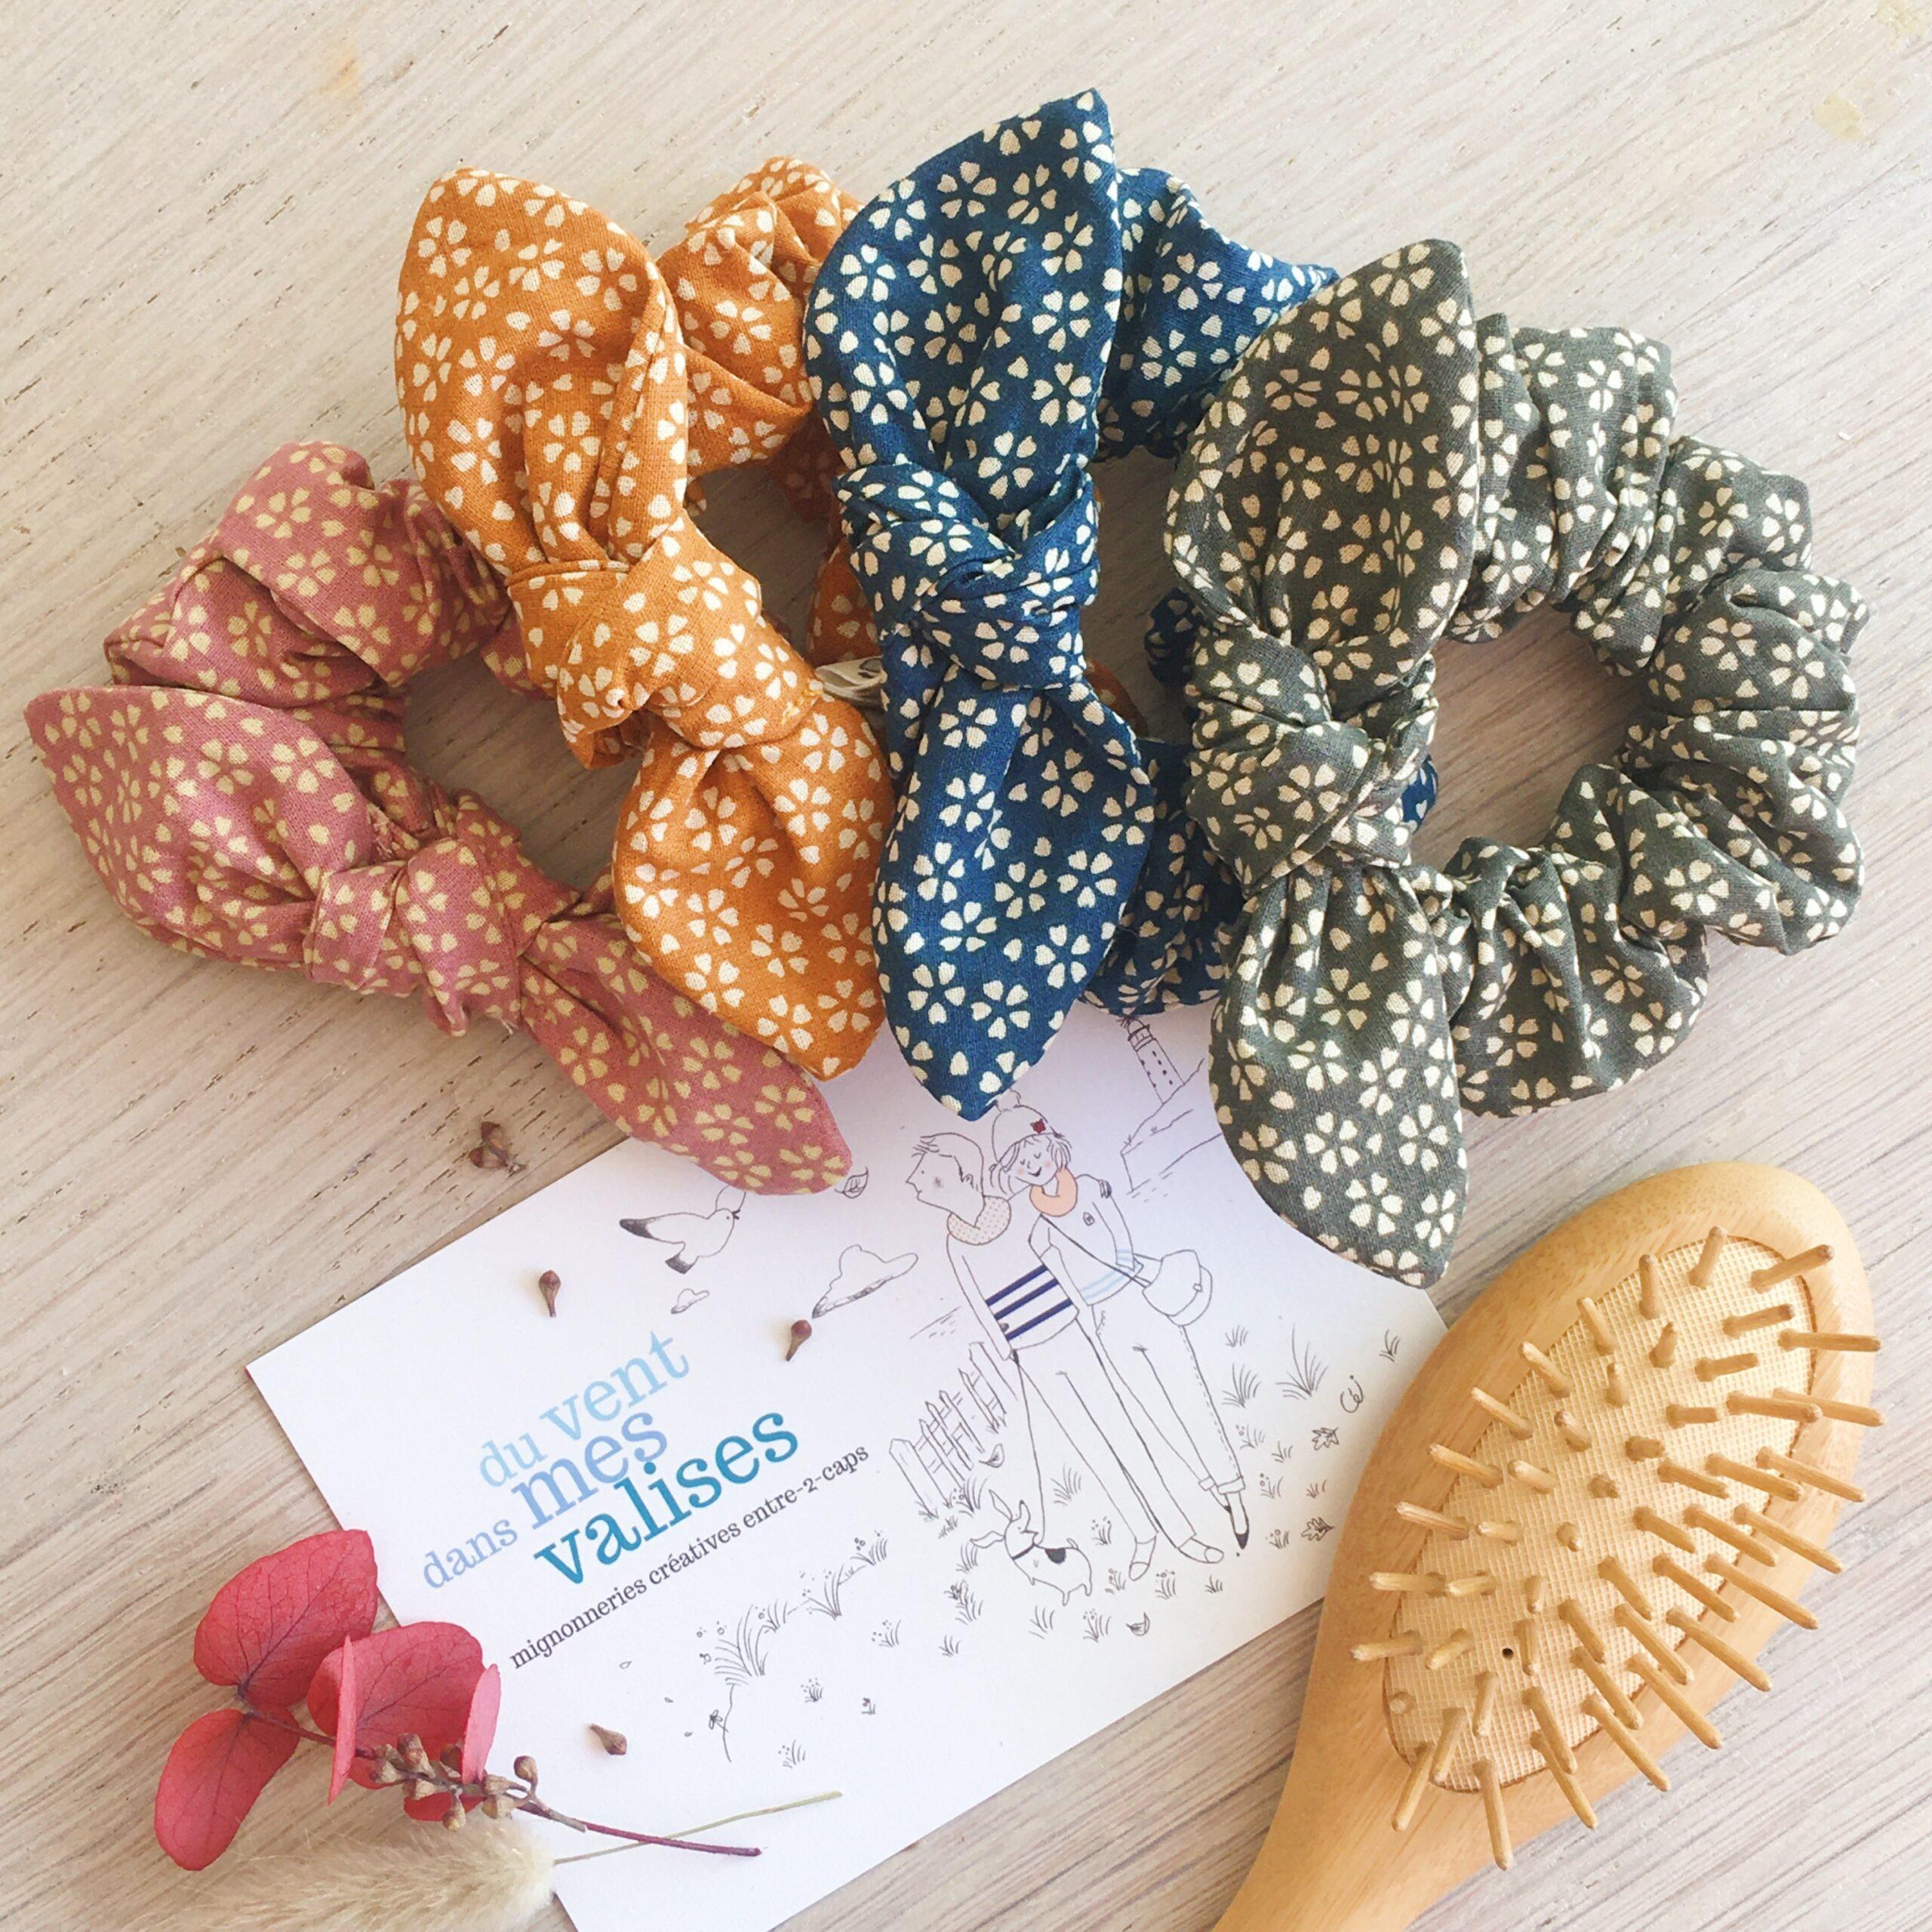 chouchous cheveux femmes filles made in France fabrication artisanale en tissu coton avec noeud amovible fleurettes myosotis